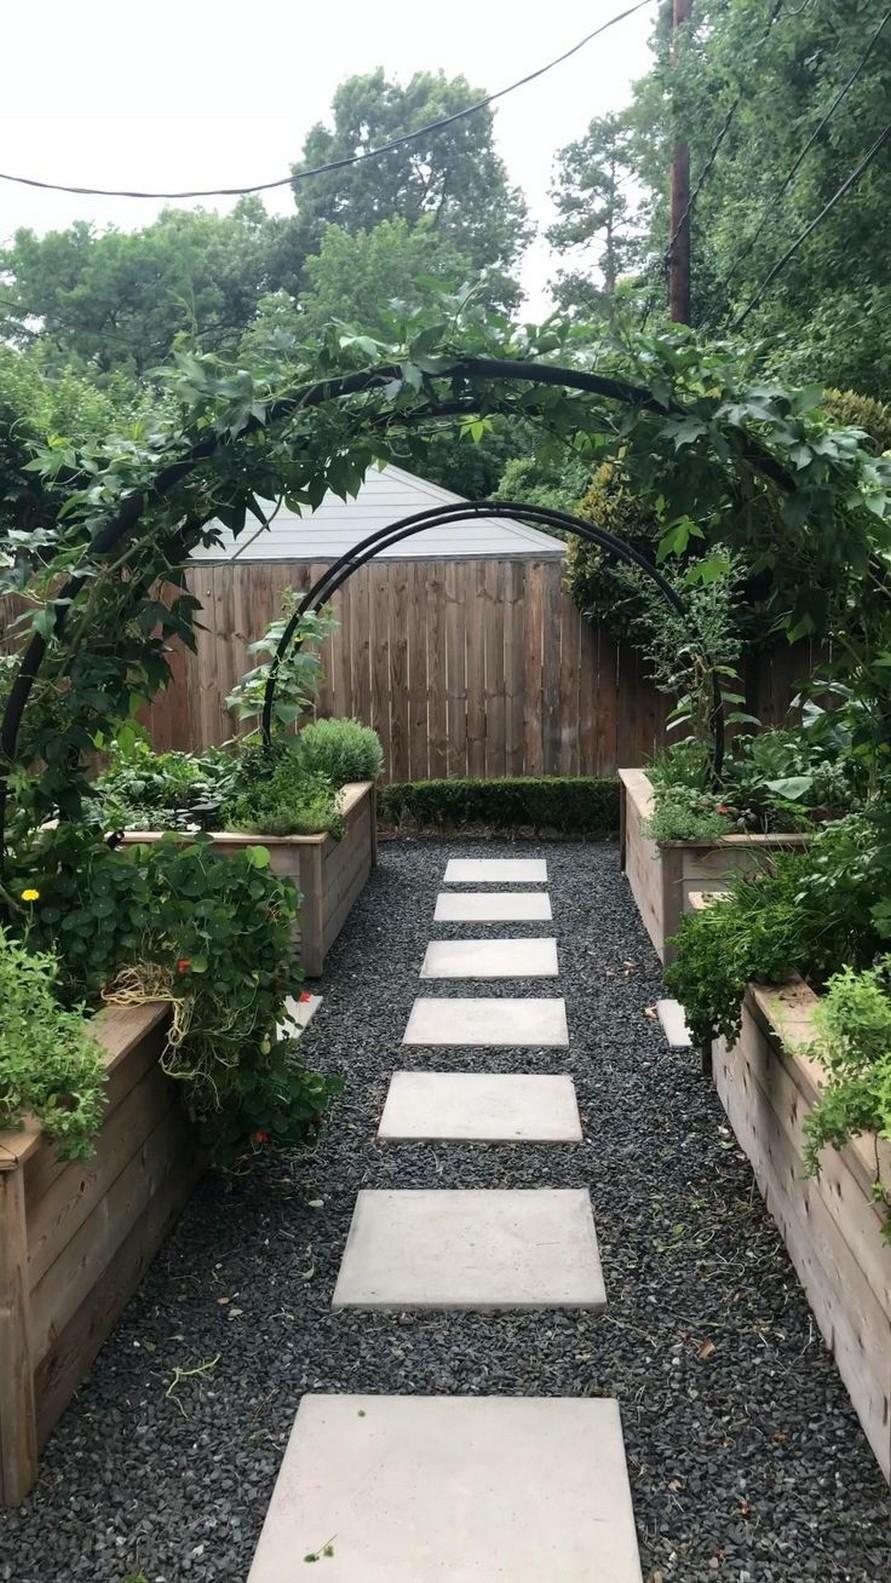 33 Growing Innovative Garden Design Ideas Home Decor 24